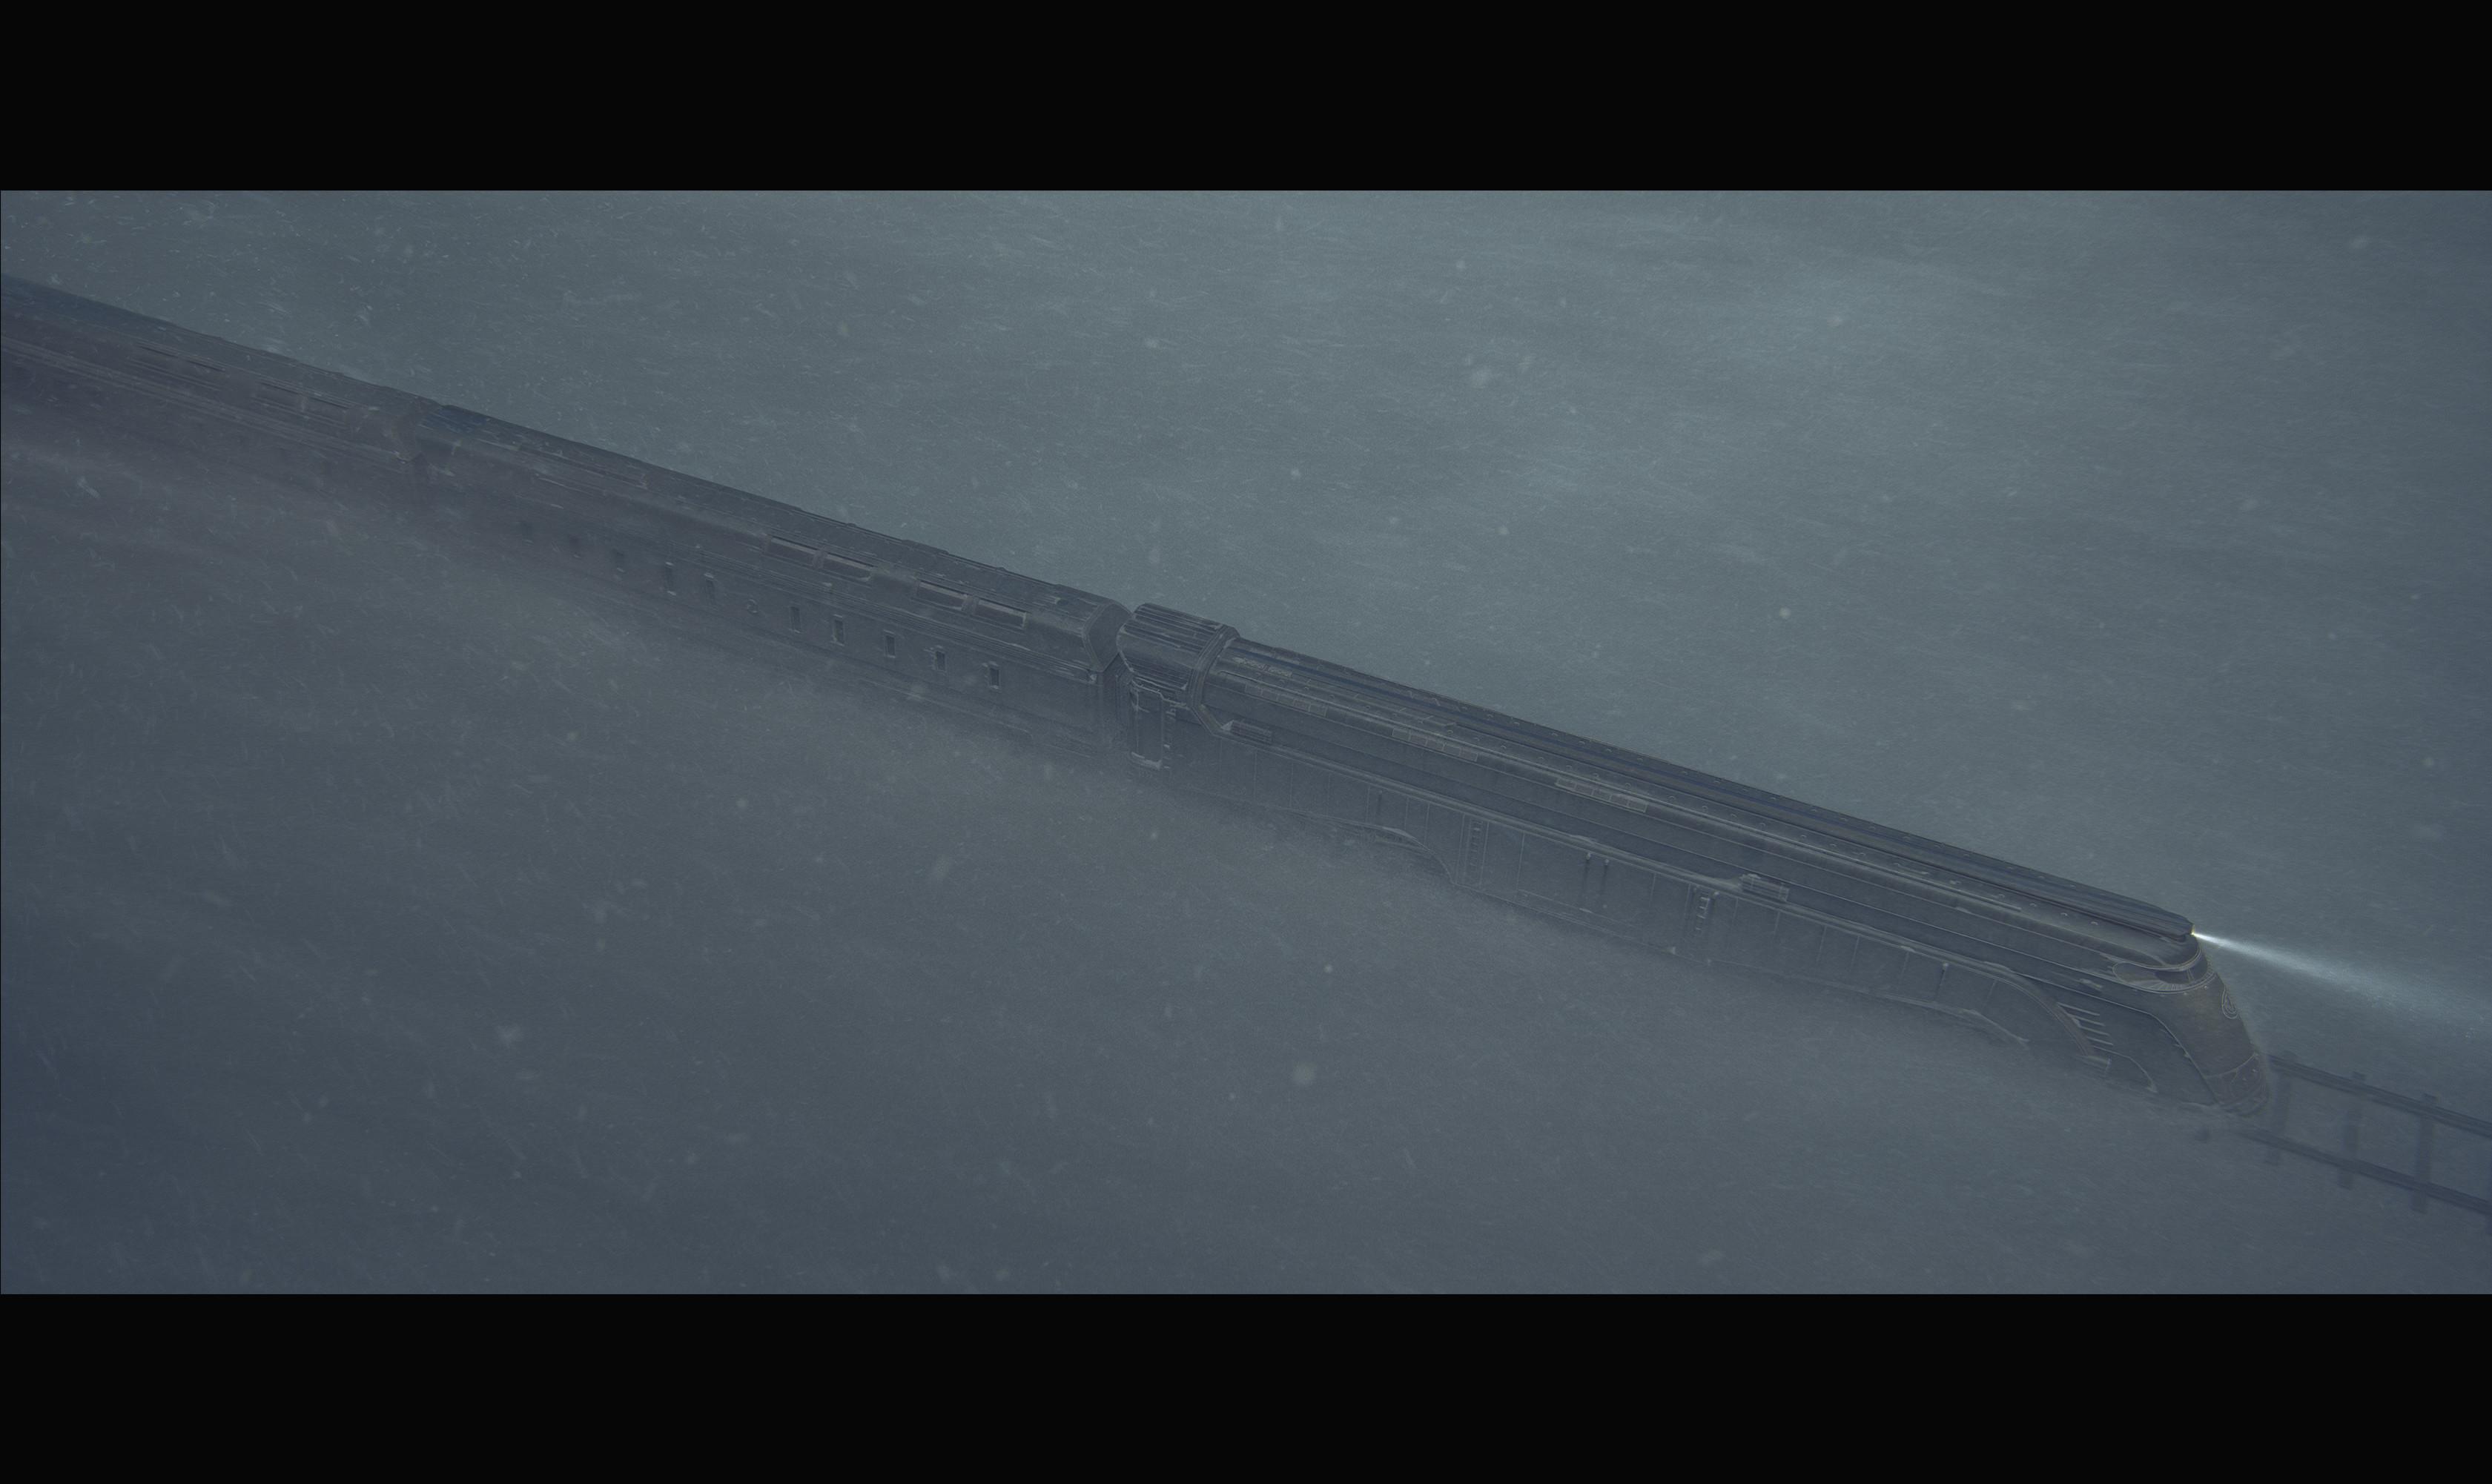 Alex Nice - Snowpiercer Series Train Design